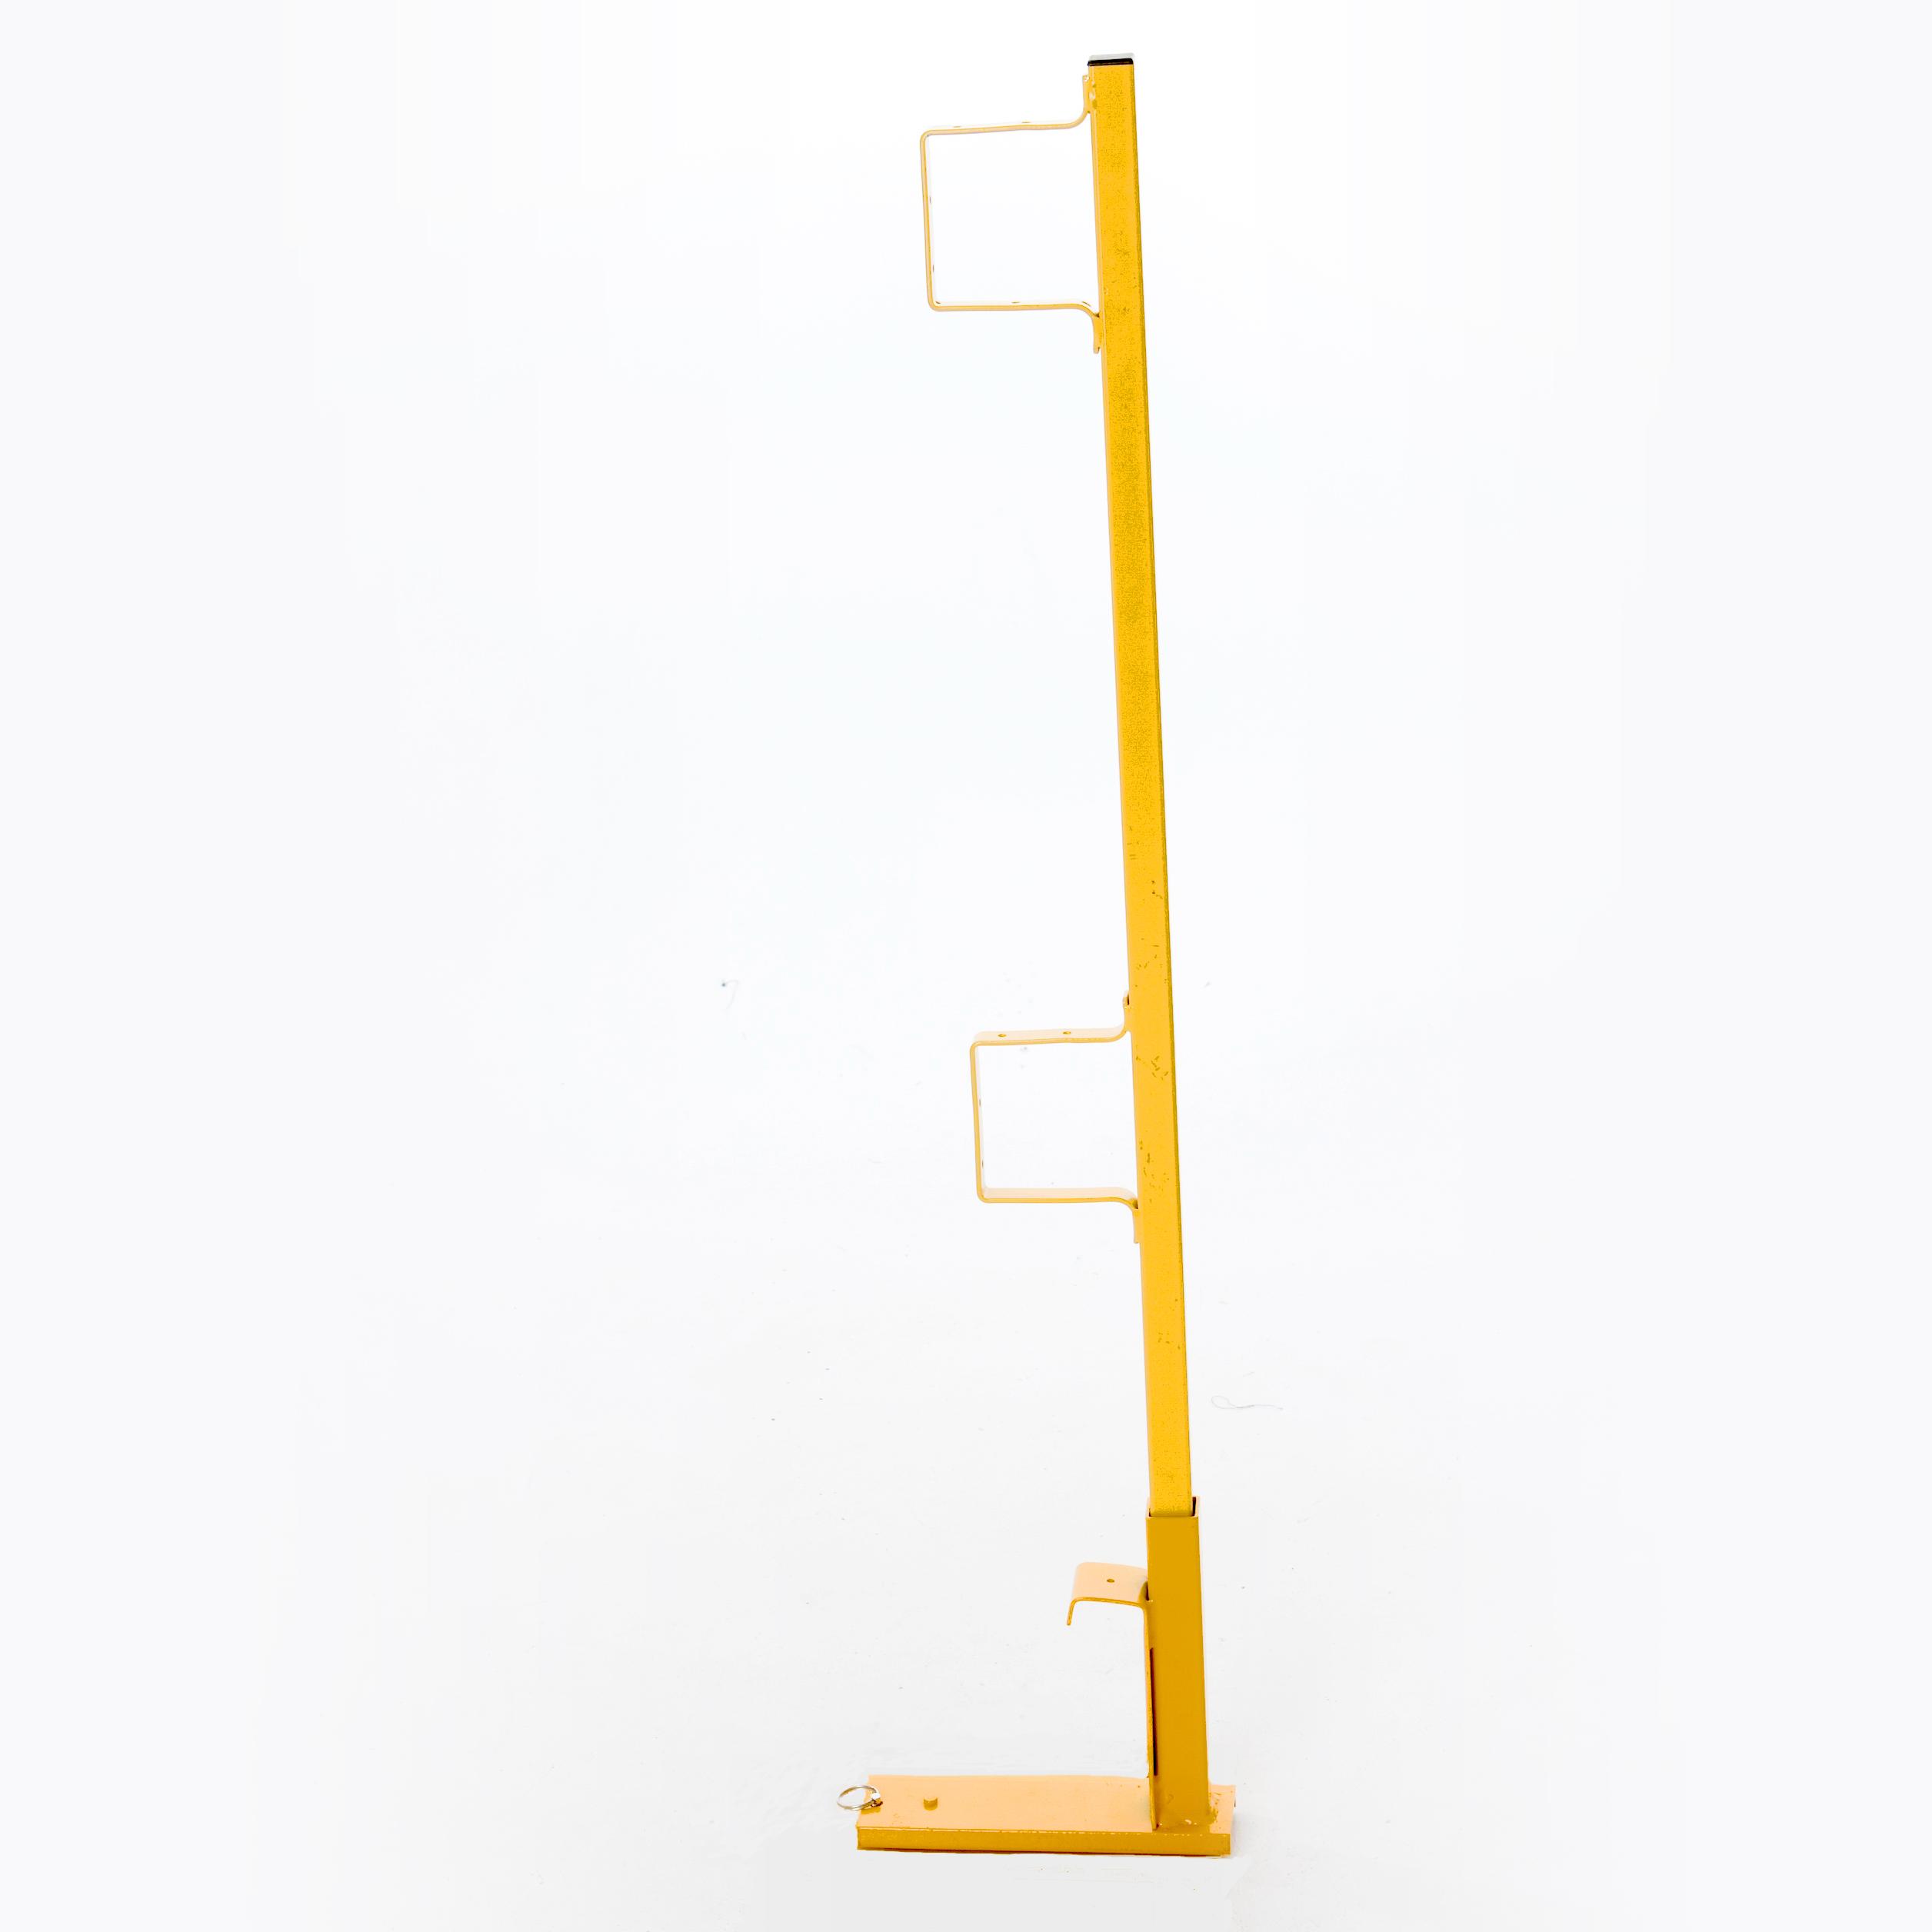 Steel Wall Scaffold Guardrail Post w/Holder For Bracket